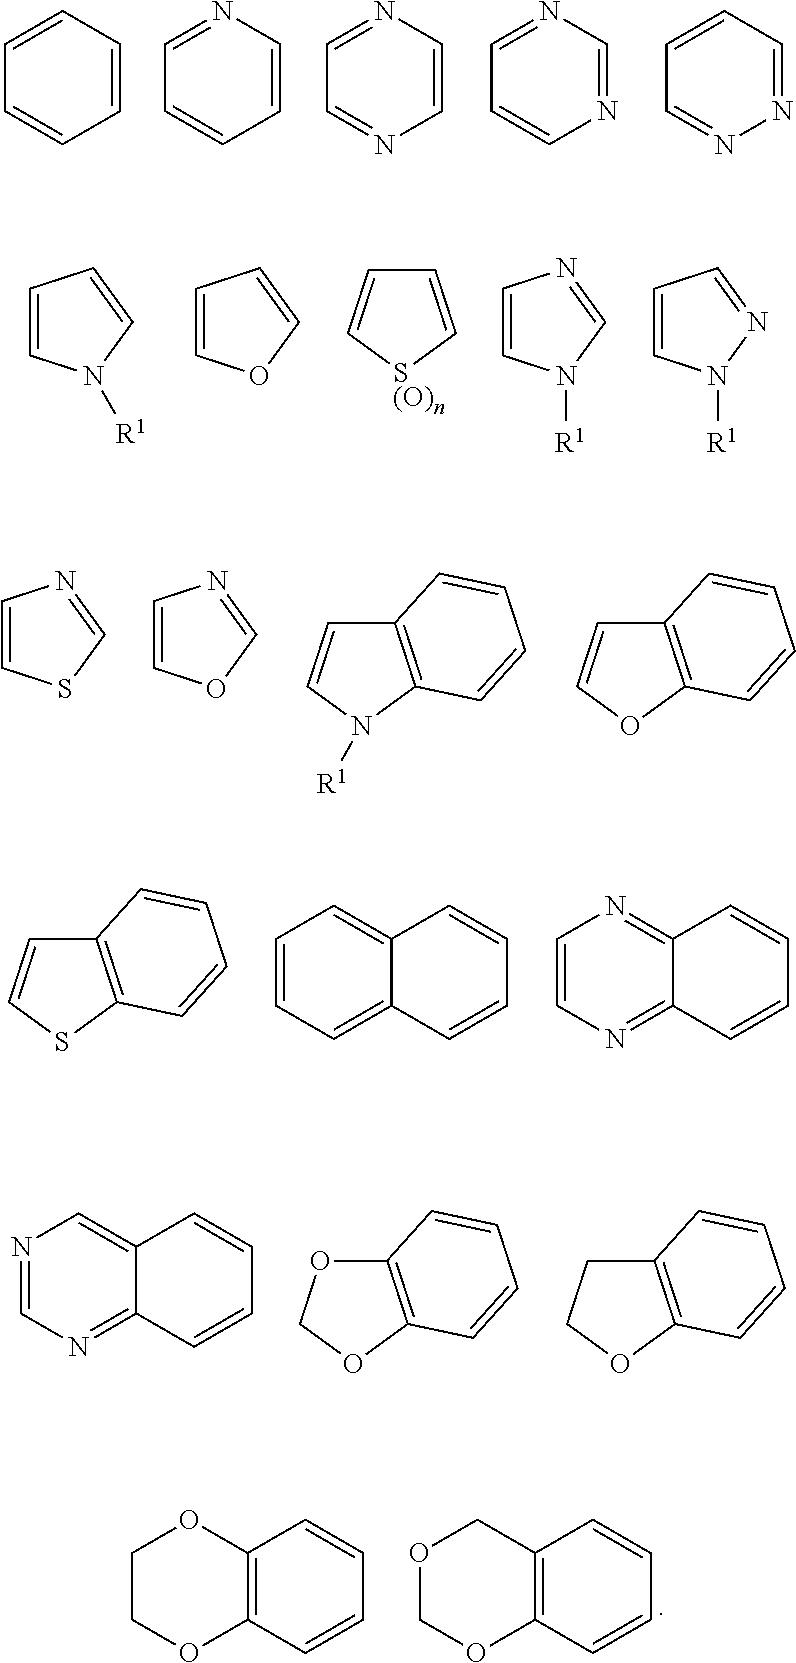 Figure US09475801-20161025-C00008